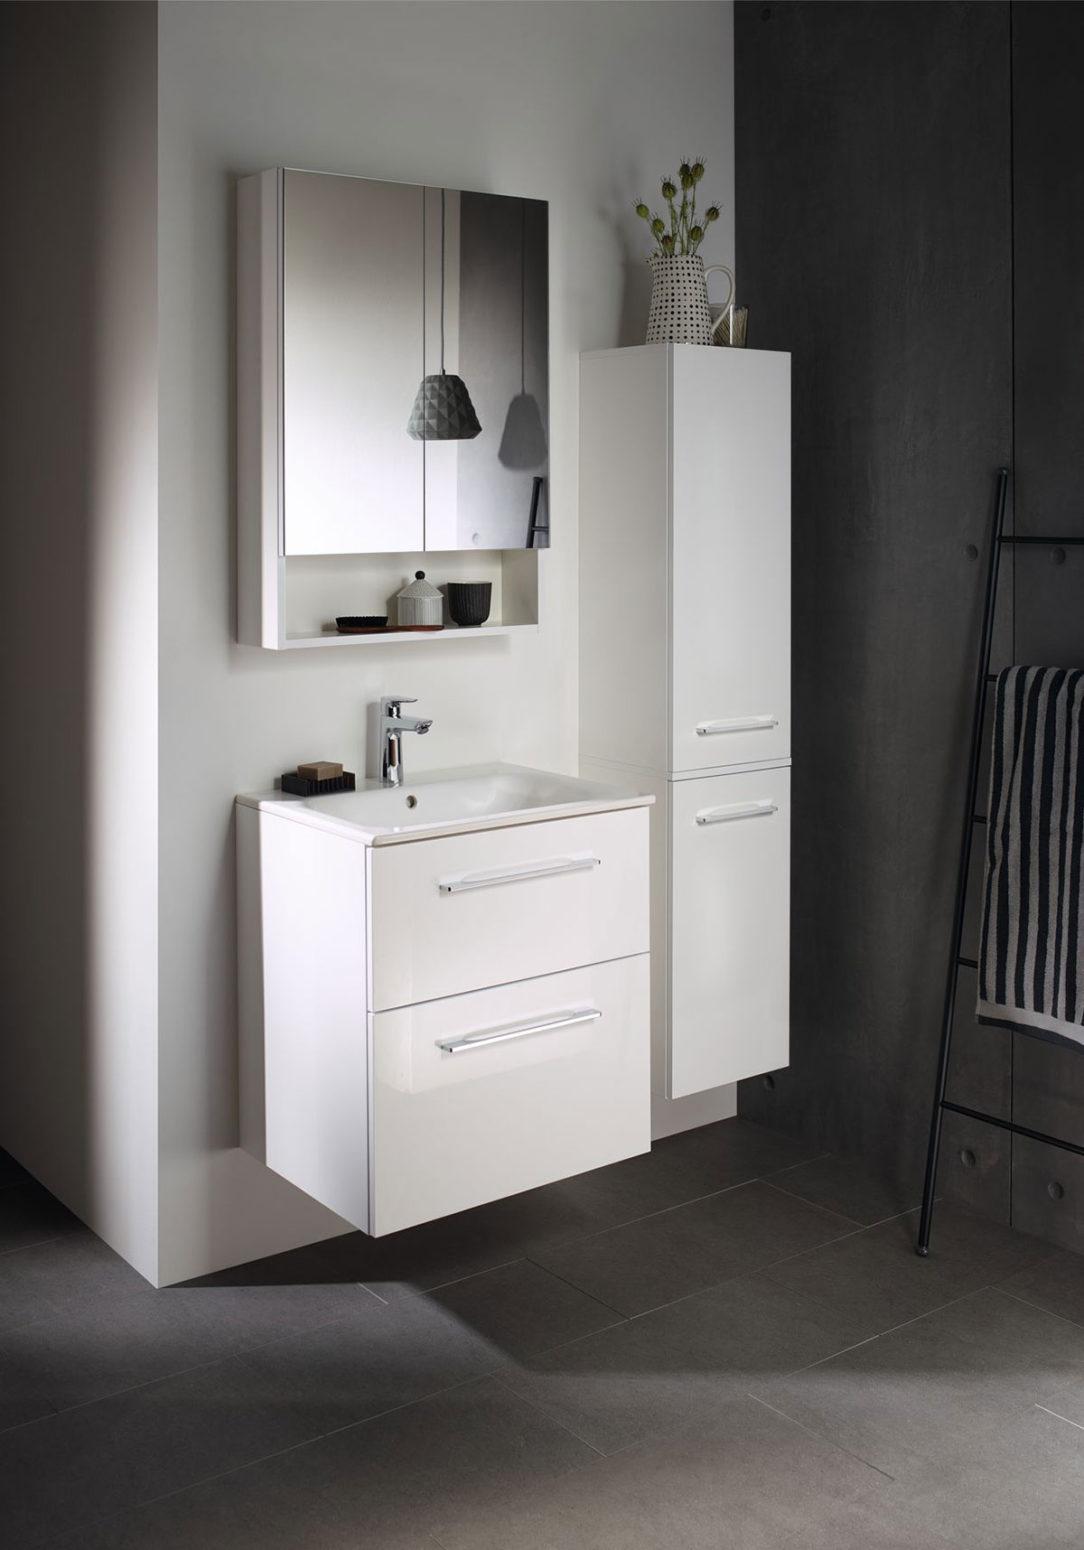 Nábytok v rôznych šírkach a farebných vyhotoveniach ponúka riešenie pre každú kúpeľňu.